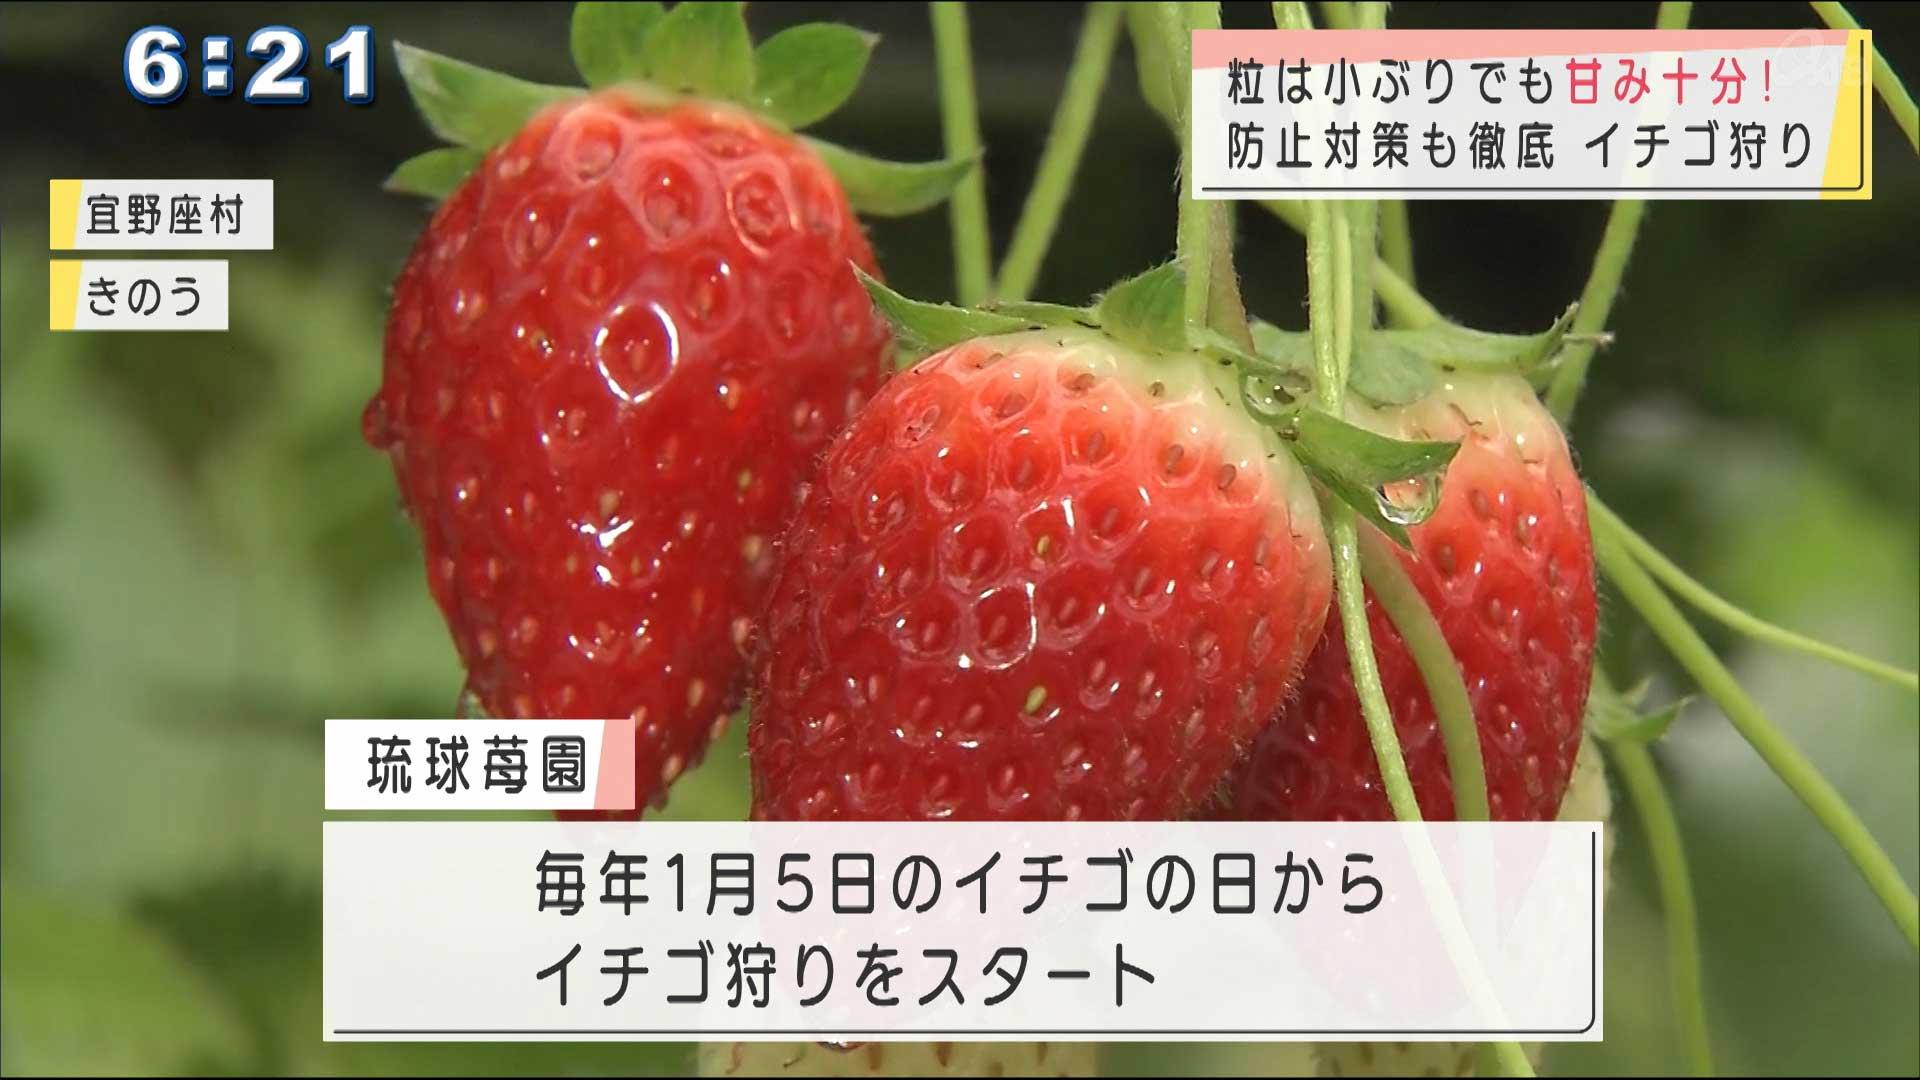 宜野座村の農園でイチゴ狩りスタート